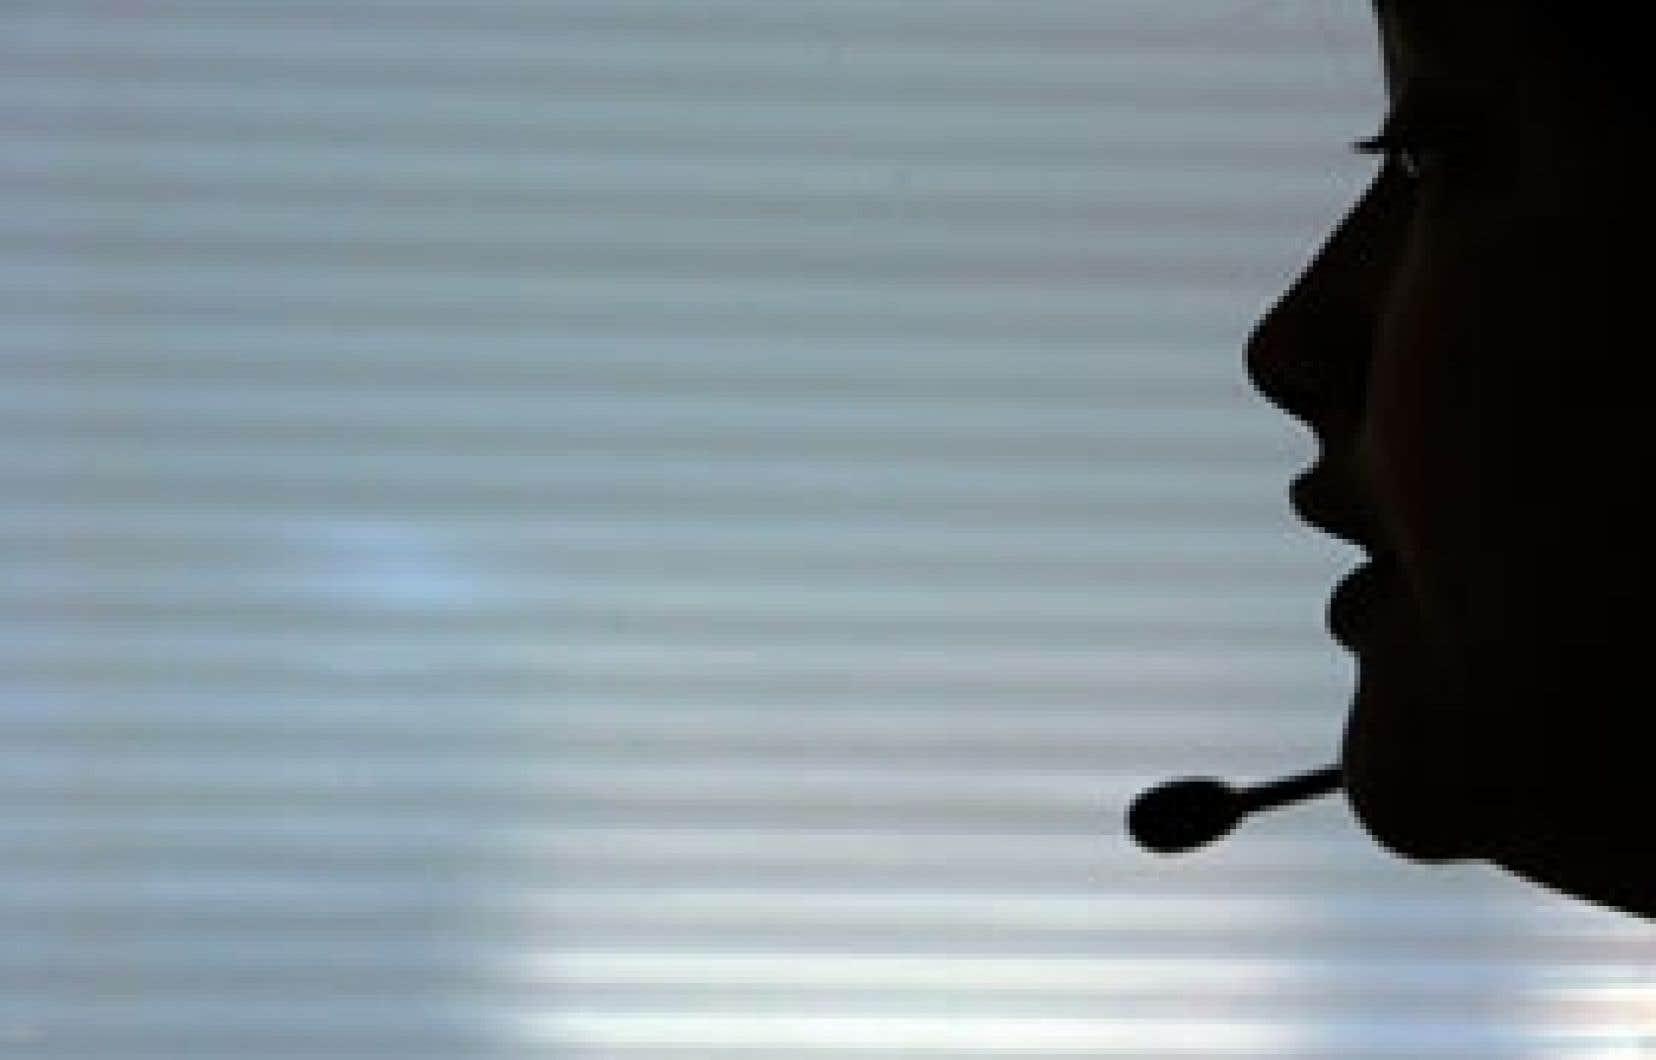 Vidéotron a ouvert en juillet dernier un centre d'appels en Égypte, qui compte actuellement une centaine d'employés spécialisés dans le soutien technique.